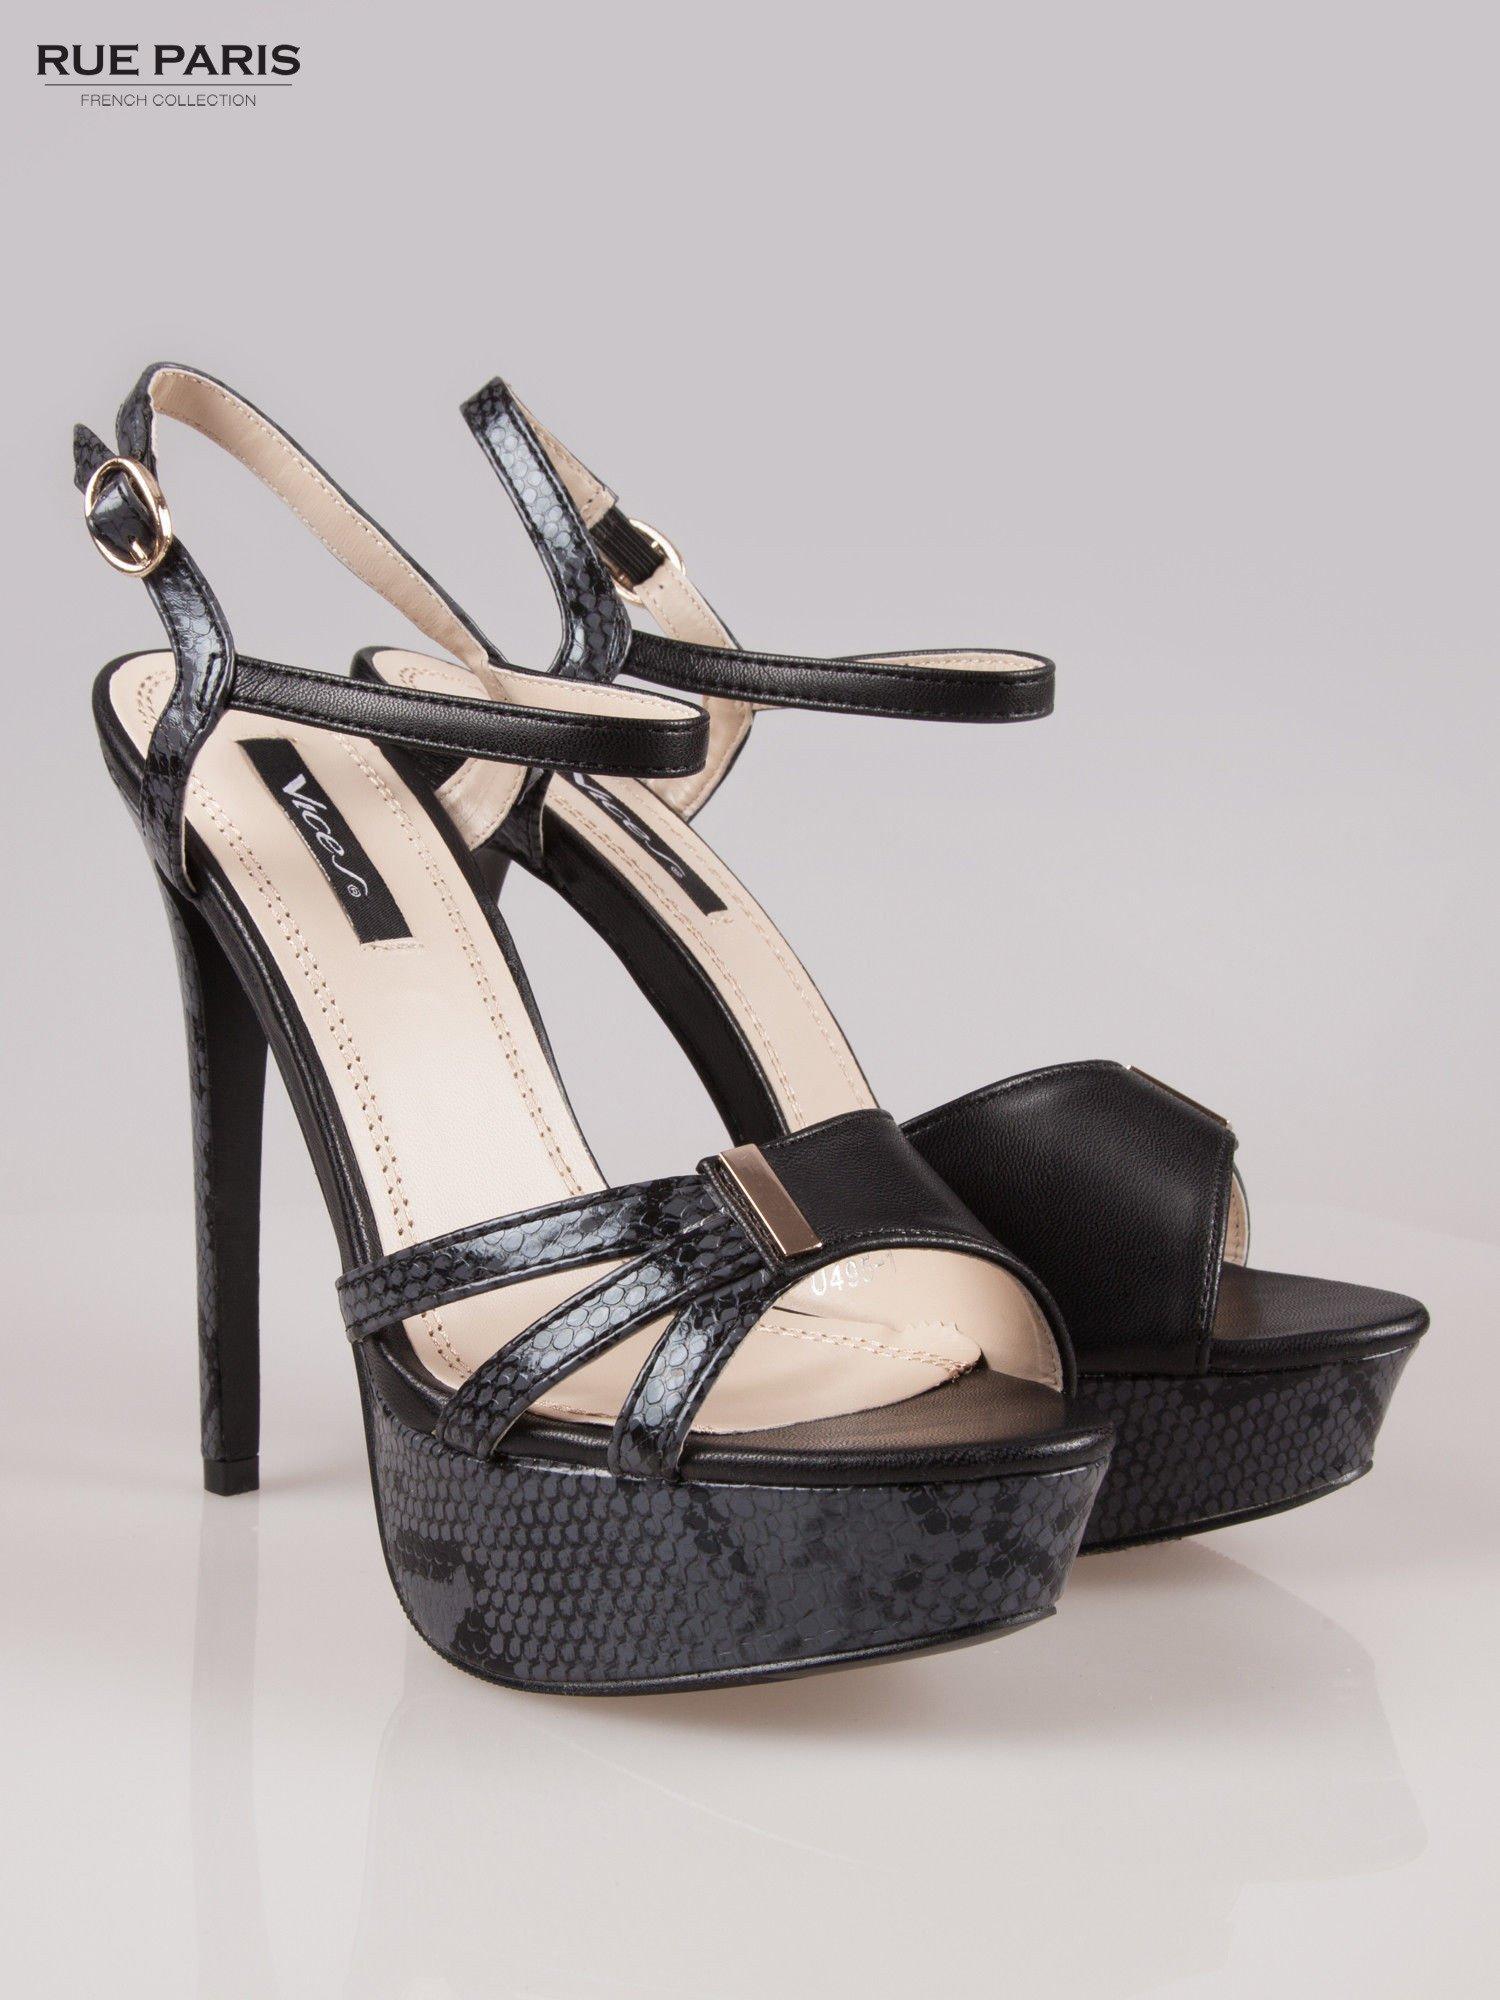 Czarne wężowe sandały na szpilce Amber zapinane na kostce                                  zdj.                                  2